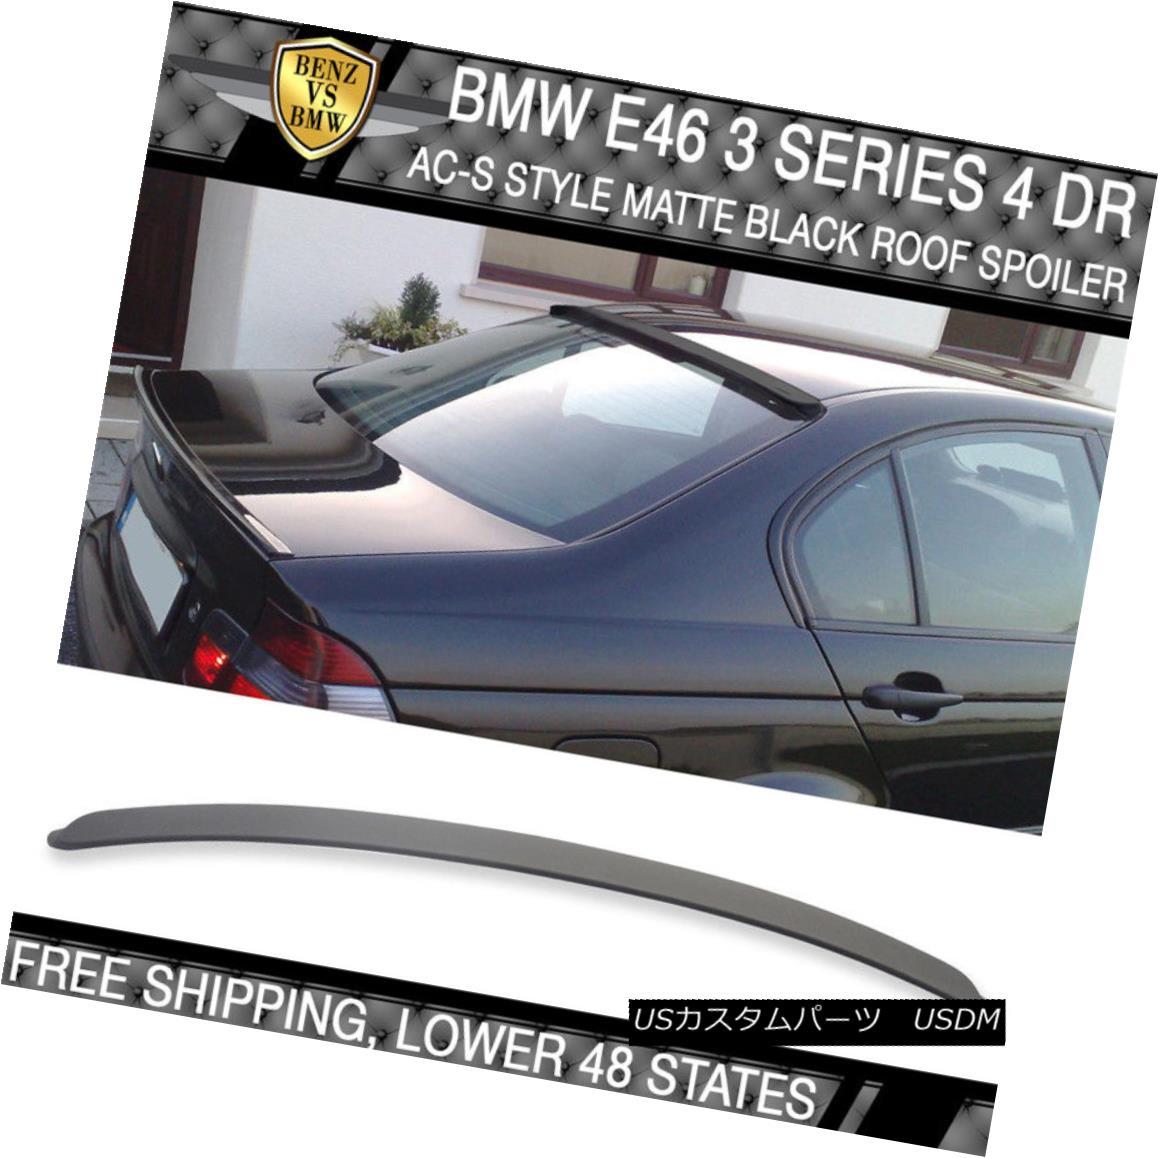 エアロパーツ USA Stock 99-05 BMW E46 3 Series 4Dr AC-S Painted Matte Black Roof Spoiler - ABS USAストック99-05 BMW E46 3シリーズ4Dr AC-S塗装マットブラックルーフスポイラー - ABS